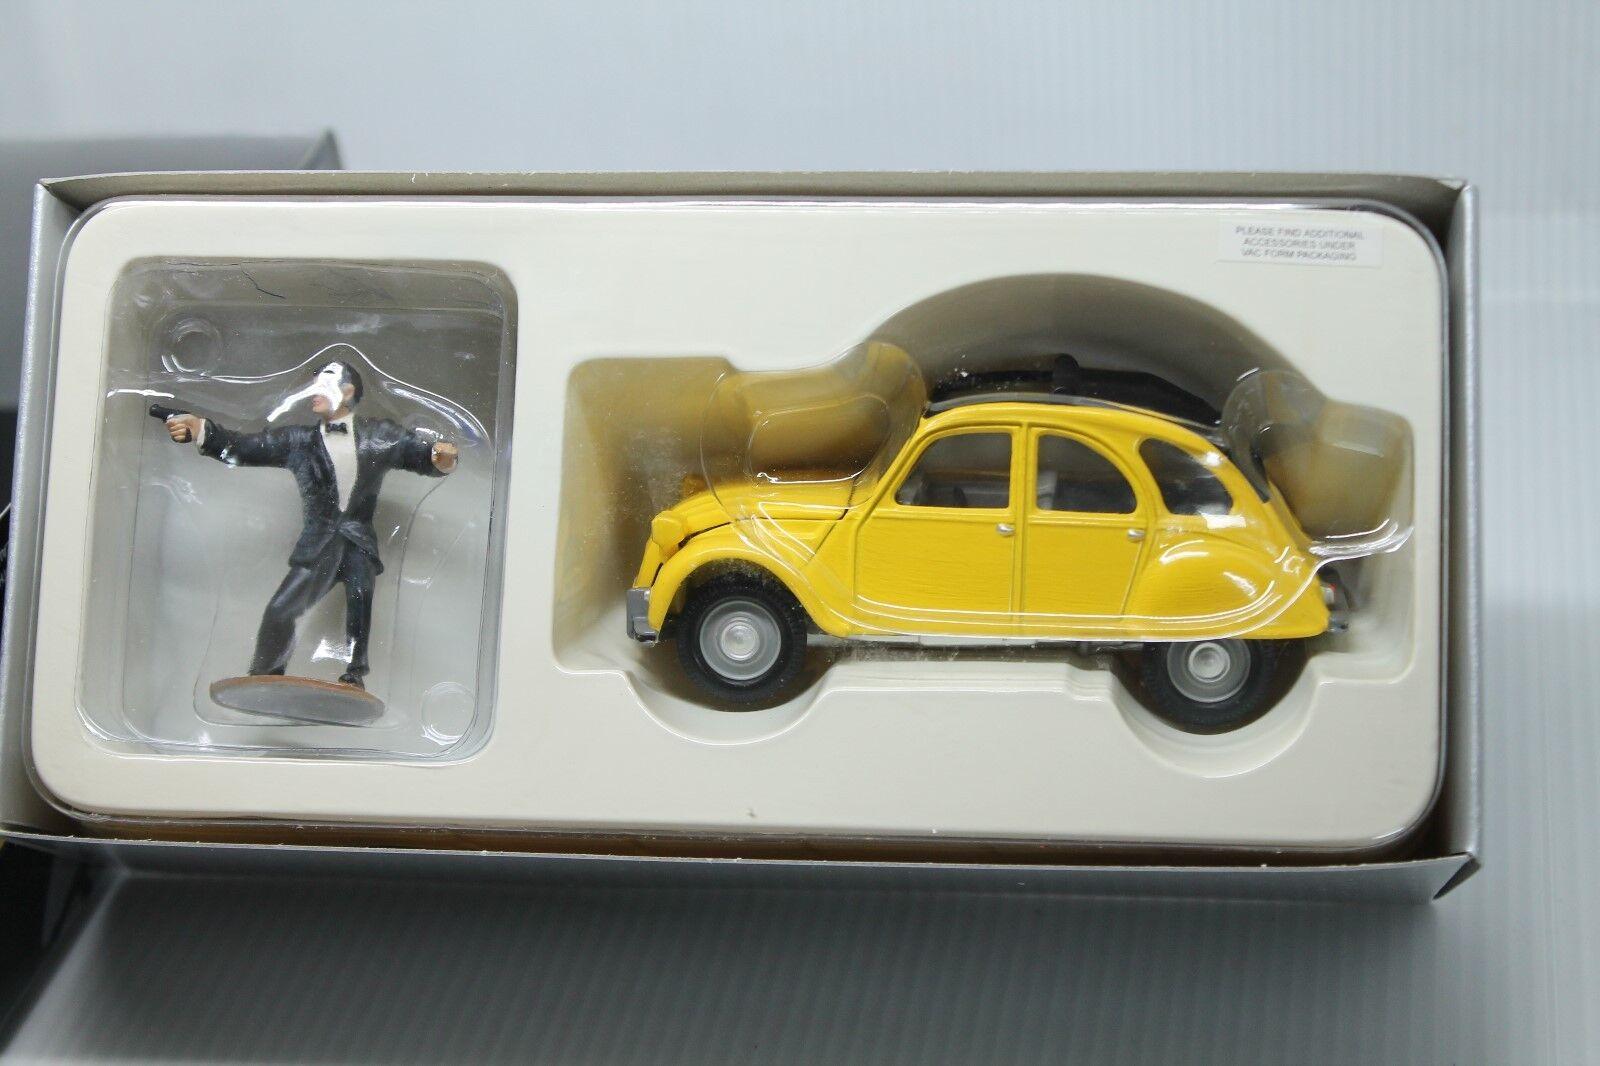 compras en linea Corgi Juguetes Collection    citroen 2 CV  James Bond  embalaje original  1 36  con figura  disfrutando de sus compras